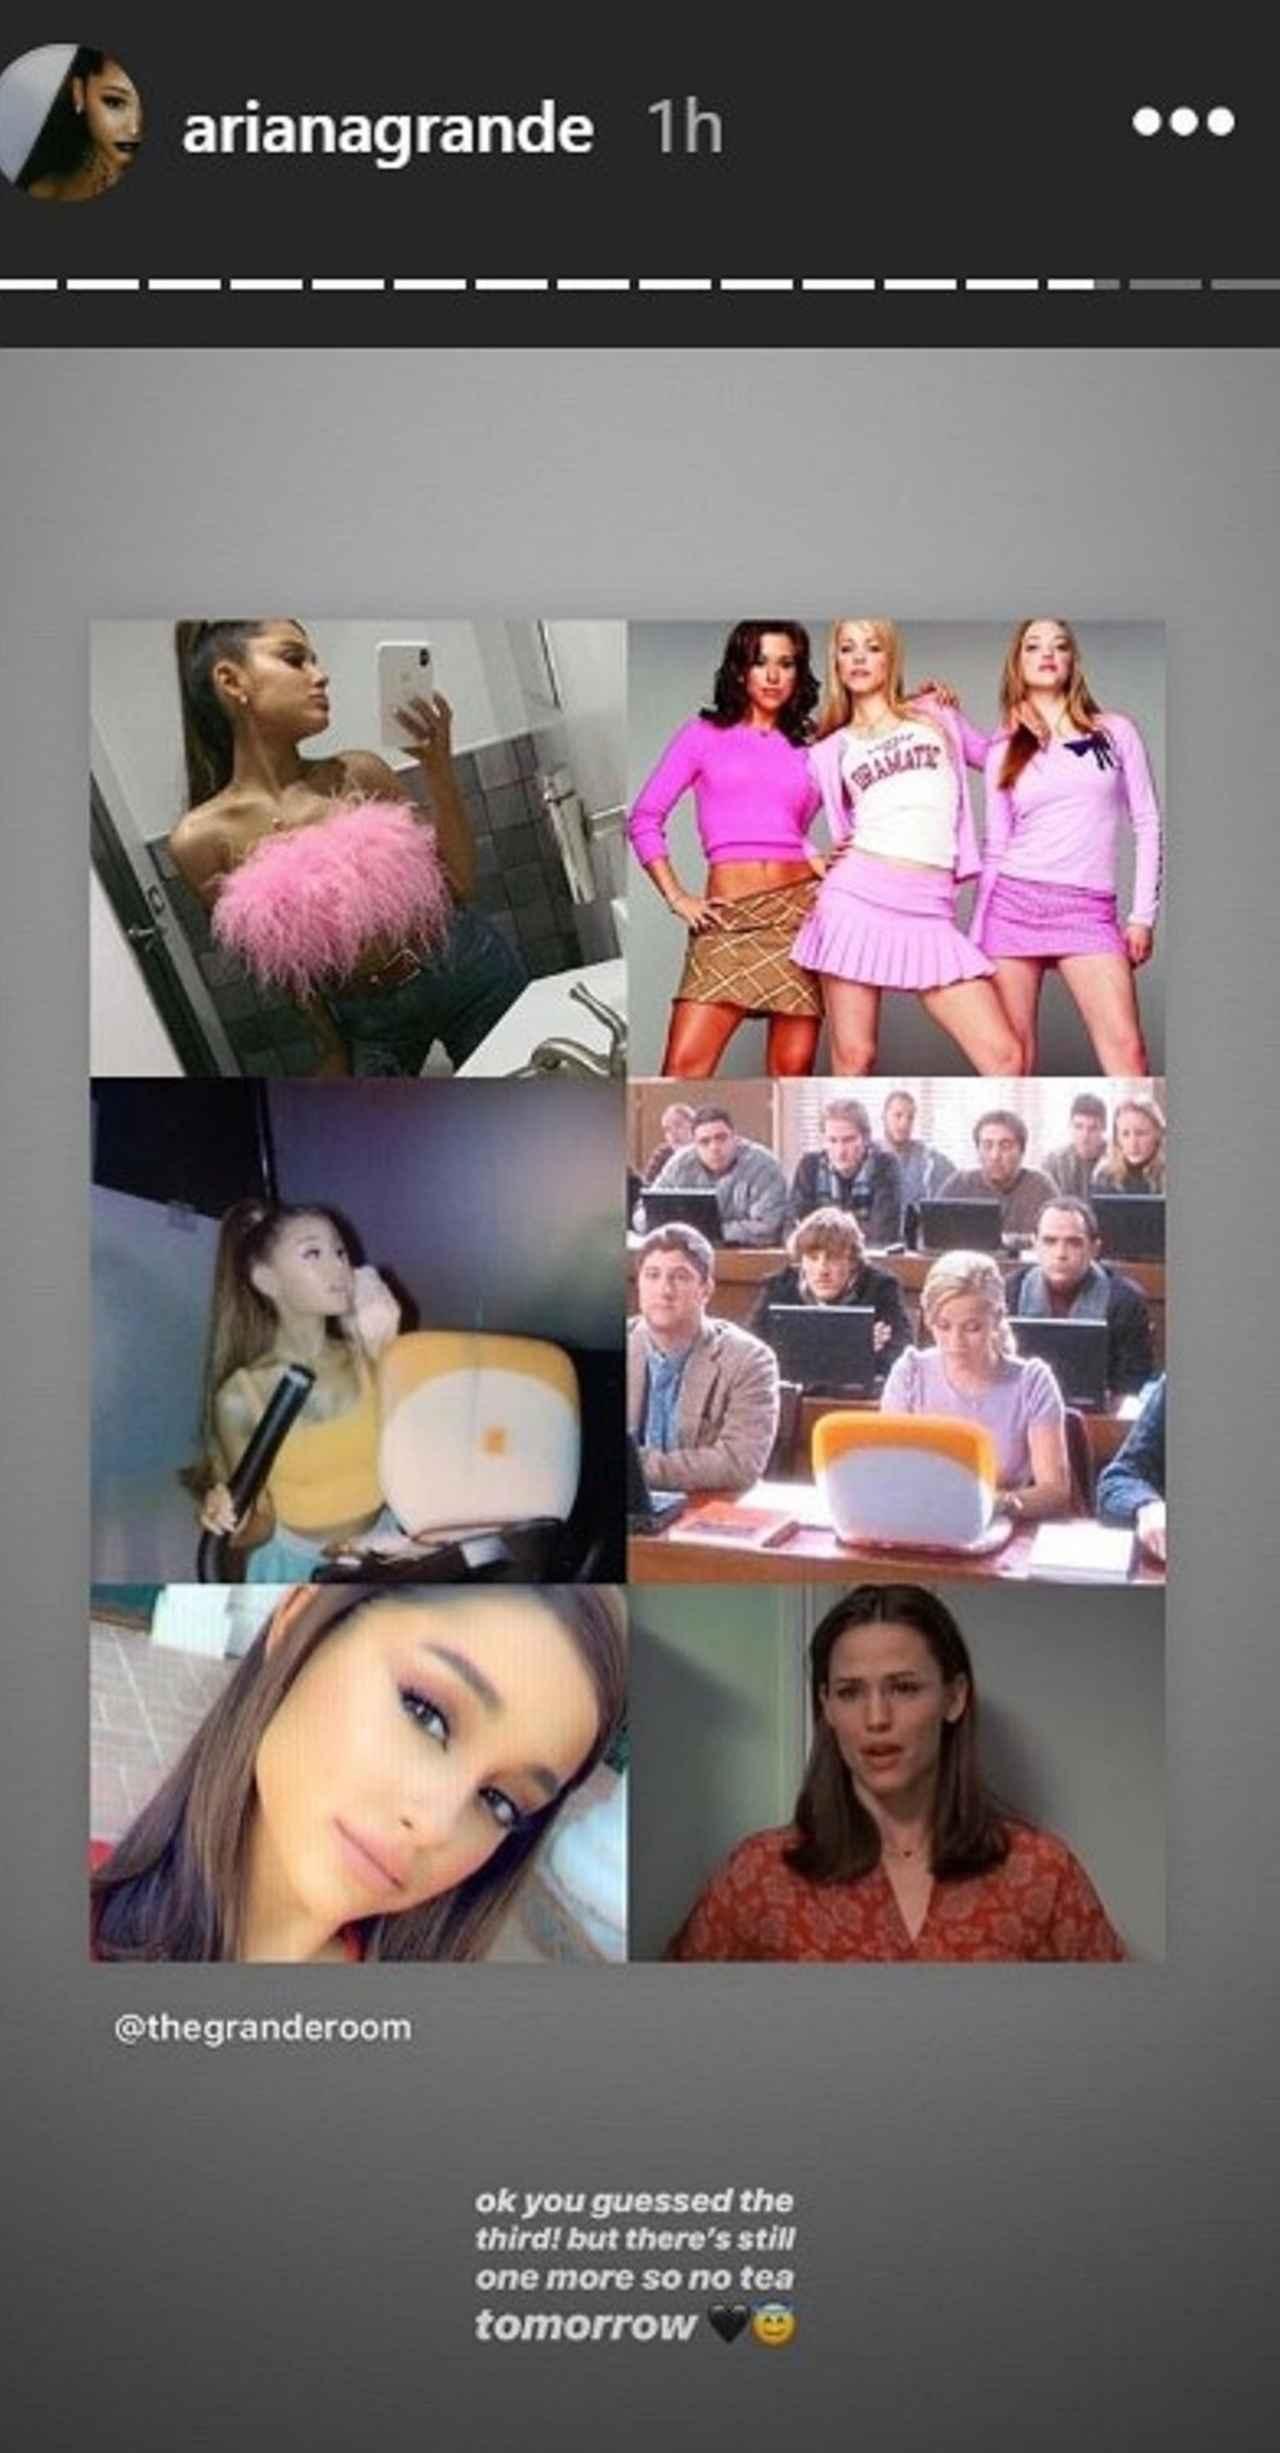 画像: ファンが制作したアリアナがSNSで公開した写真と各映画のシーンを比較した画像。上から『ミーン・ガールズ』、『キューティ・ブロンド』、『13 ラブ 30 サーティン・ラブ・サーティ』との比較。©Ariana Grande/ Instagram